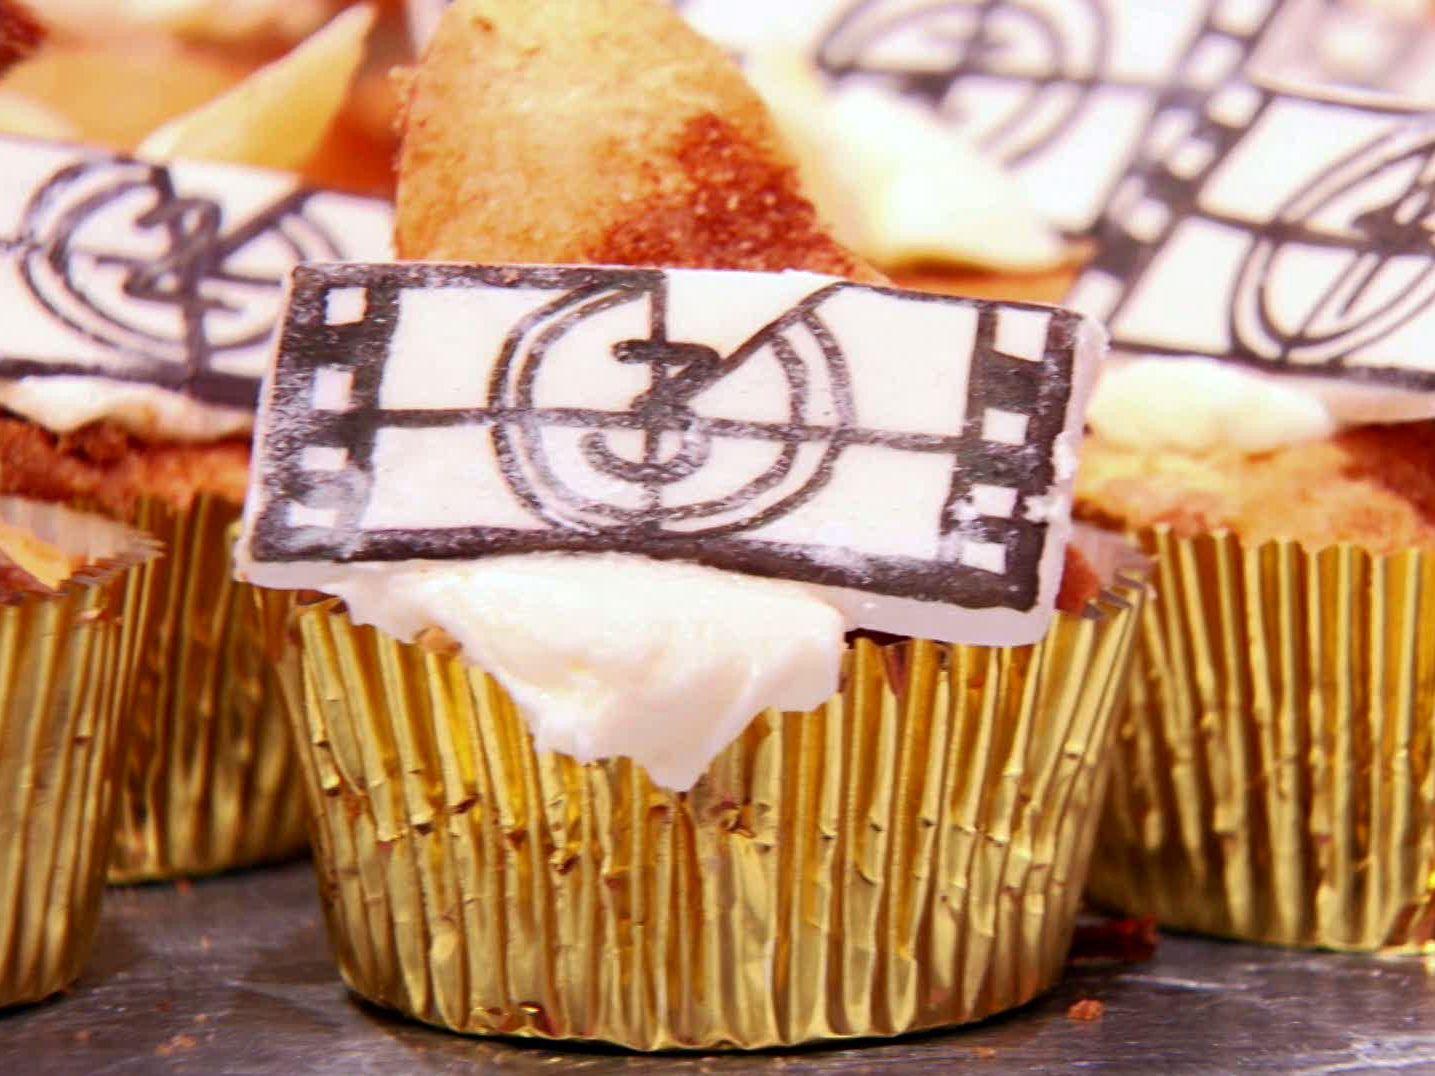 Peach Cobbler, Miel De Nuez, Brown Streusel Cupcakes #peachcobblercheesecakeinajar Peach Cobbler, Miel De Nuez, Brown Streusel Cupcakes from FoodNetwork.com #peachcobblercheesecakeinajar